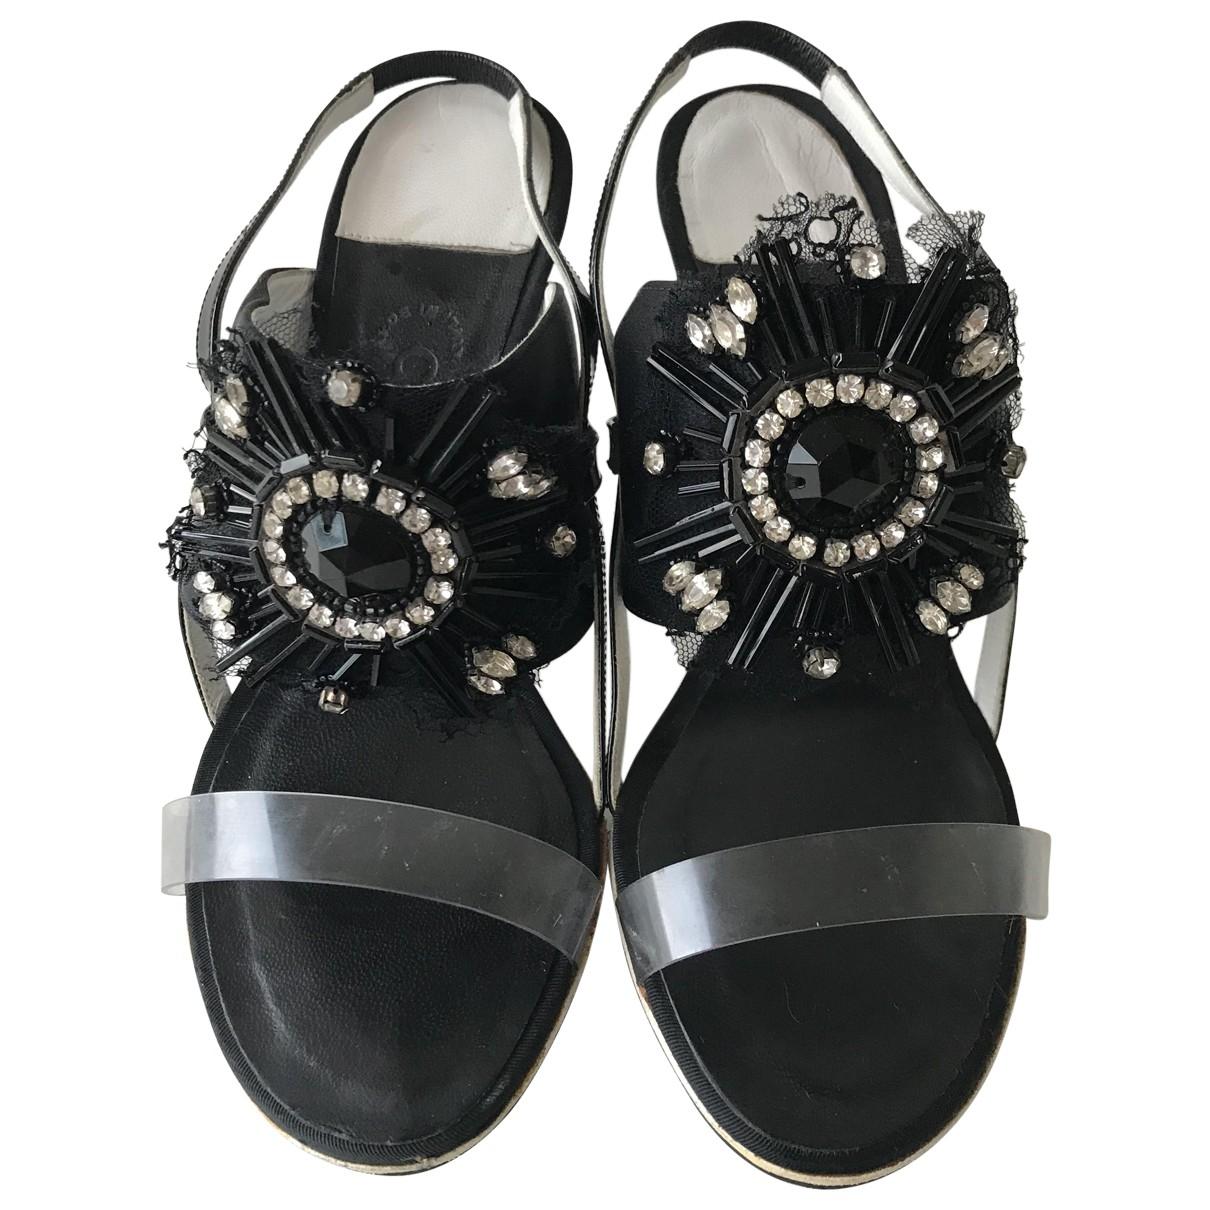 Sandalias de Lona Chanel